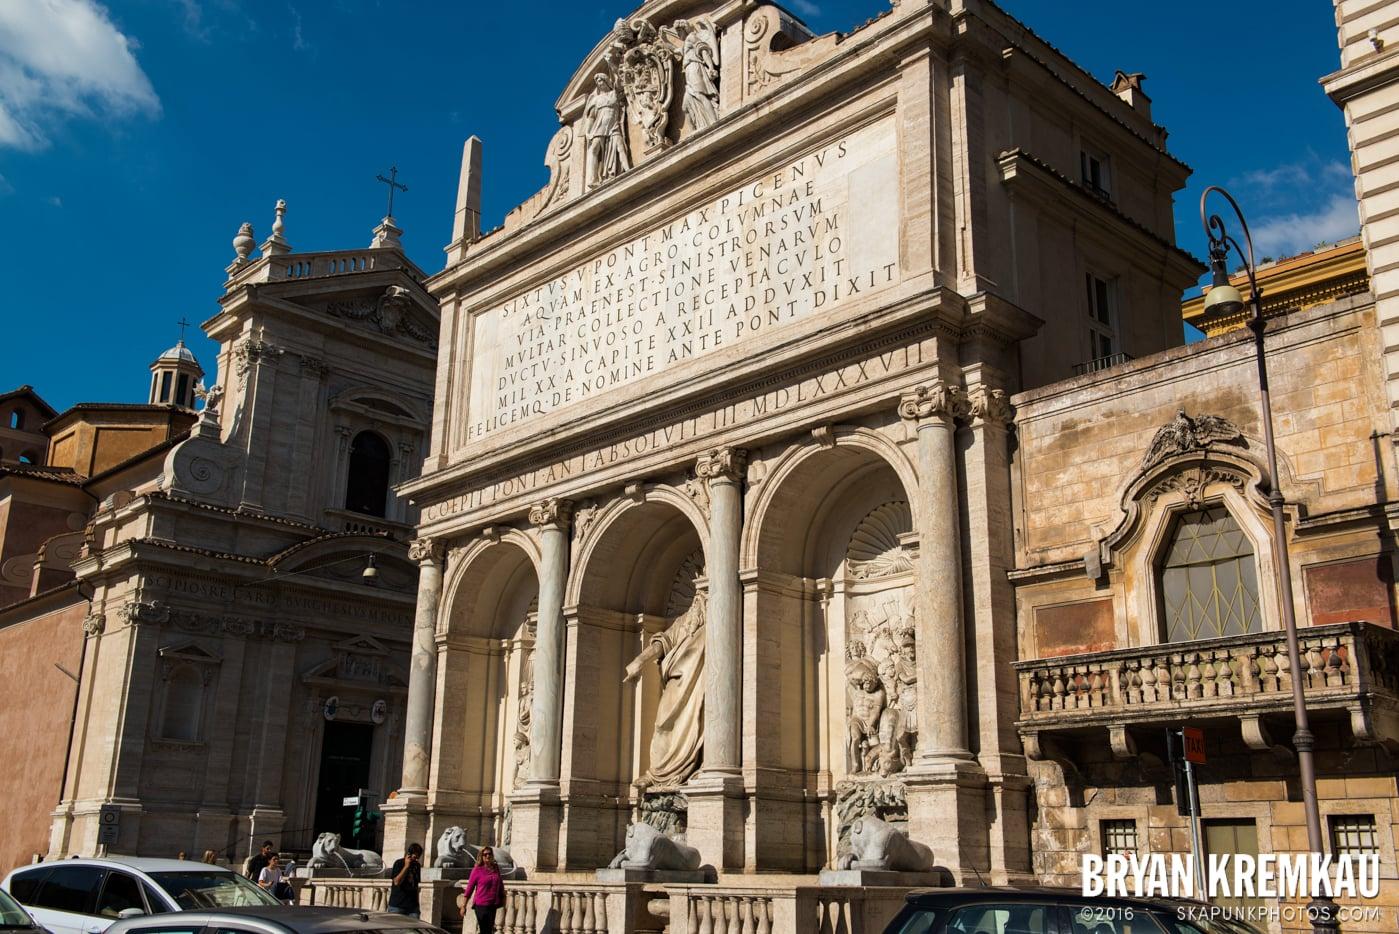 Italy Vacation - Day 12: Rome - 9.20.13 (4)